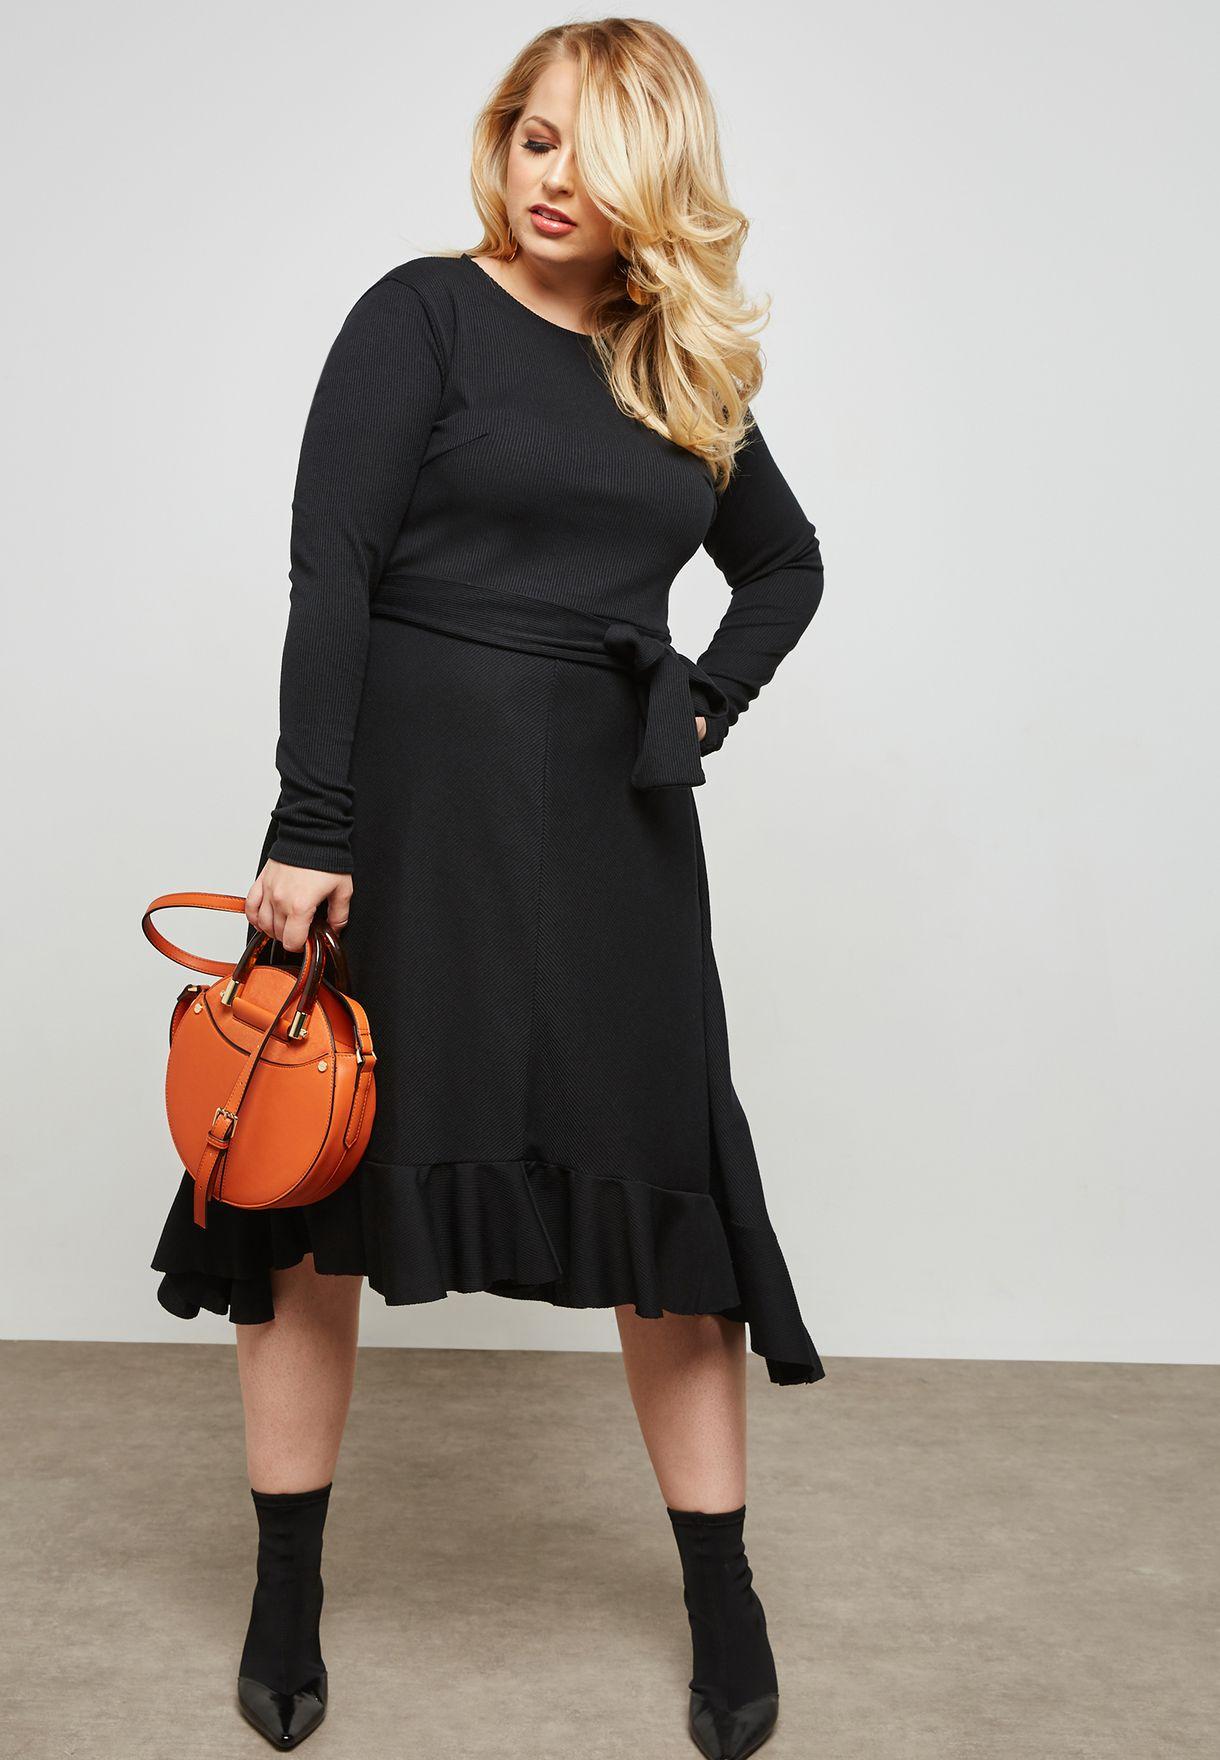 a234ebdf8264 Shop Lost Ink Plus black Asymmetric Midi Dress 1103115020360001 for ...